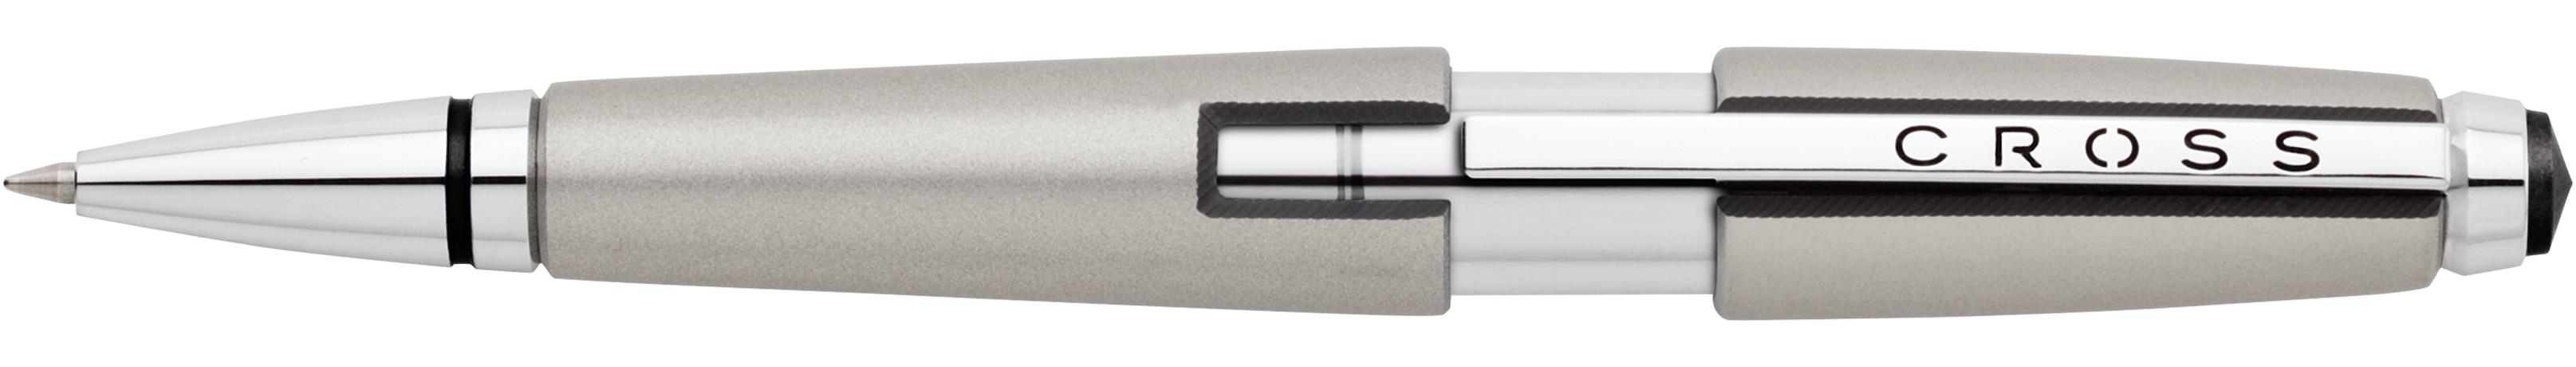 Edge Sonic Titanium Gel Rollerball Pen